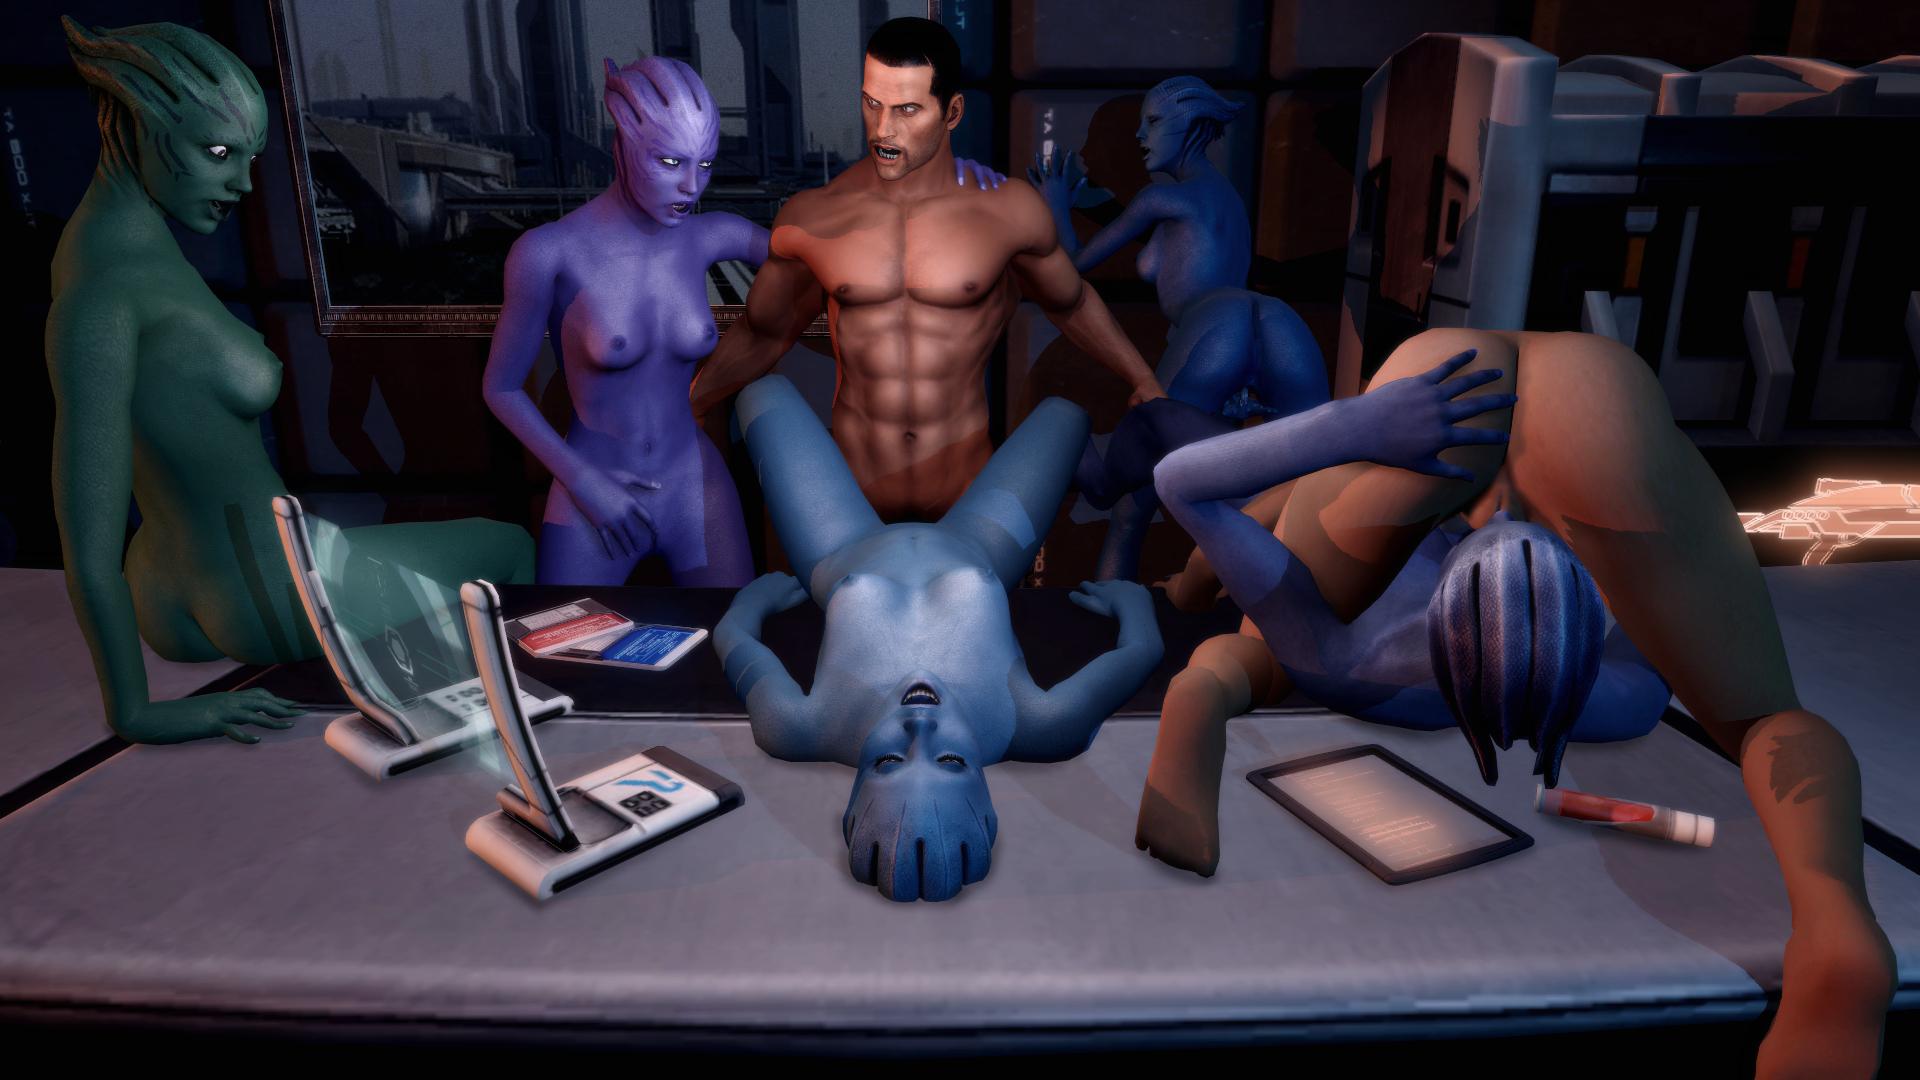 Мас эфект порно картини